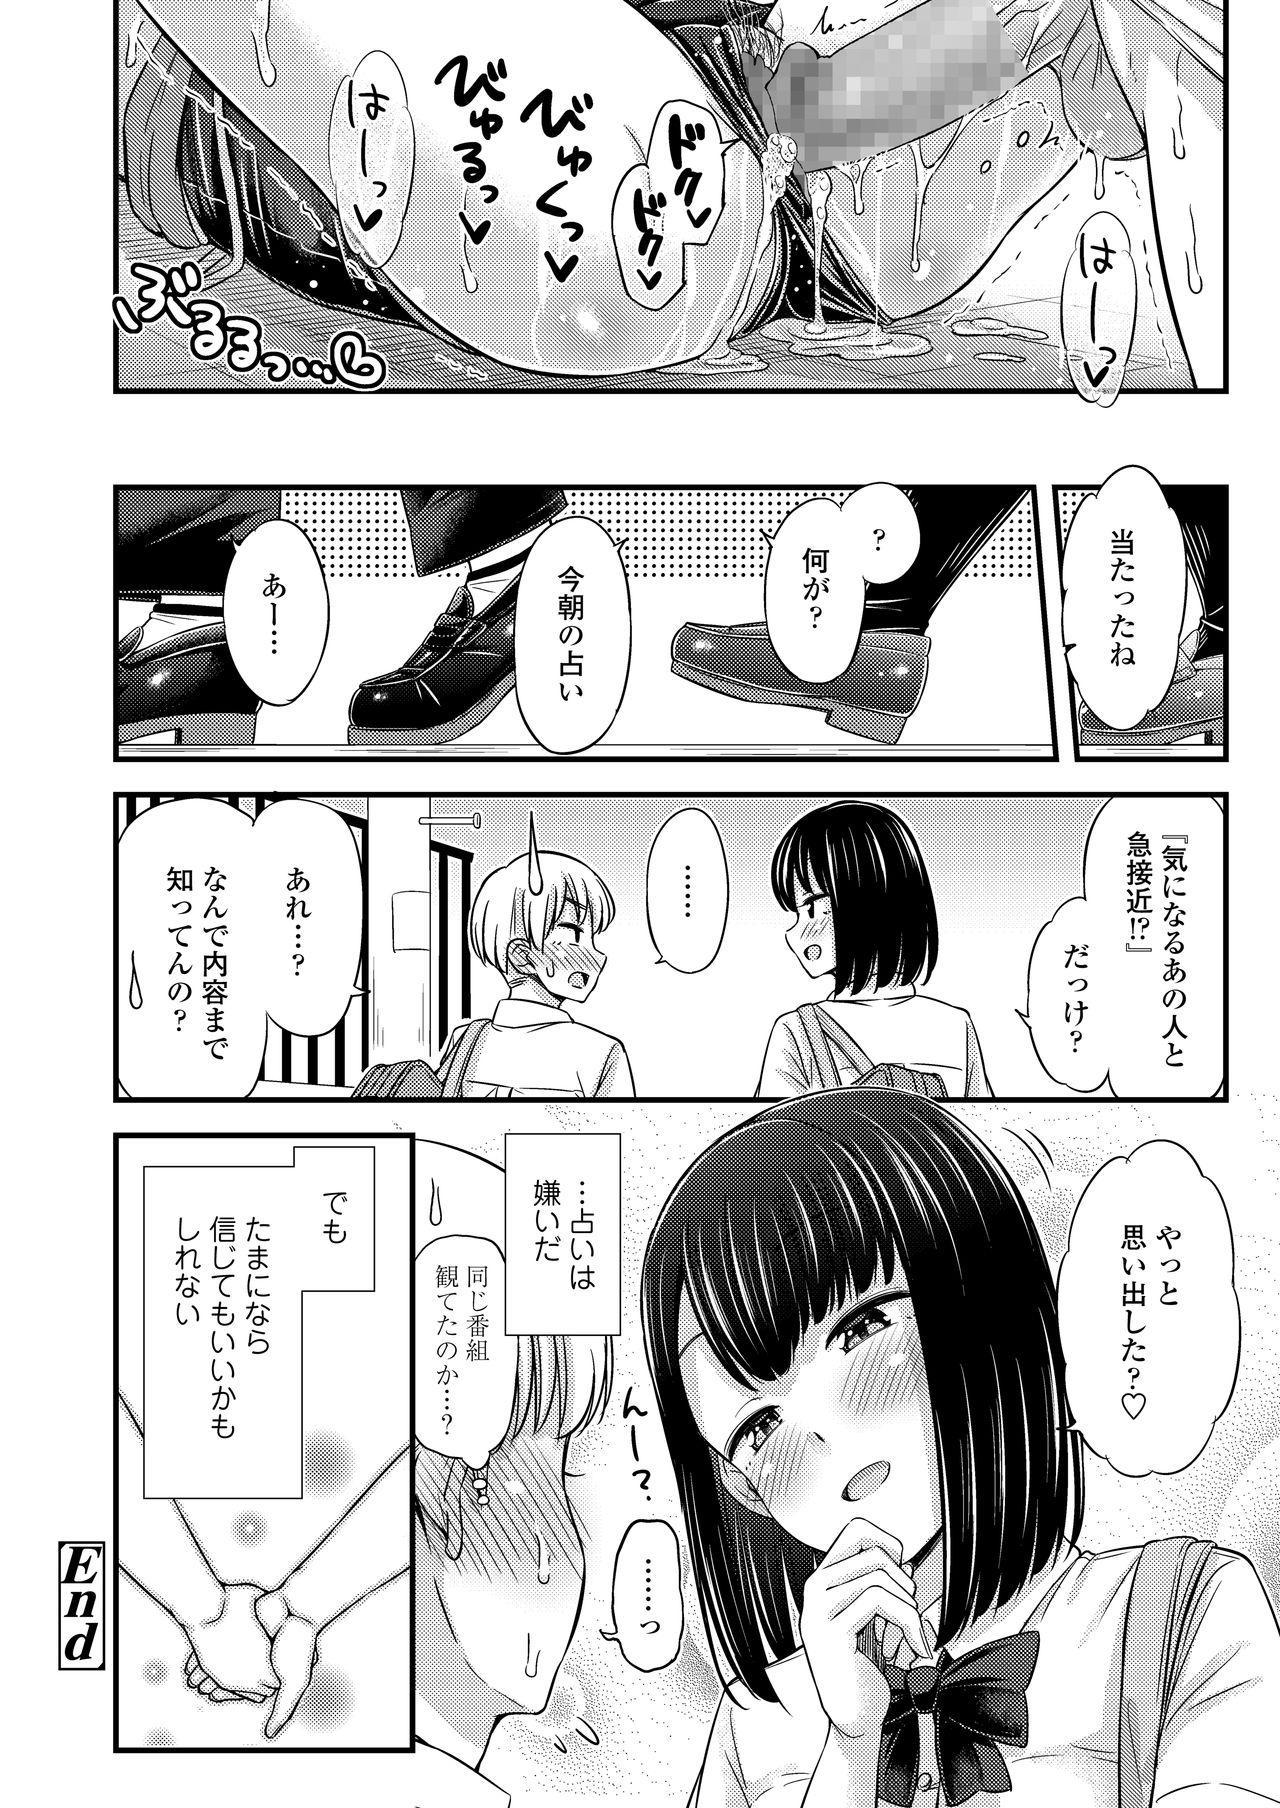 COMIC AOHA 2021 Natsu 121